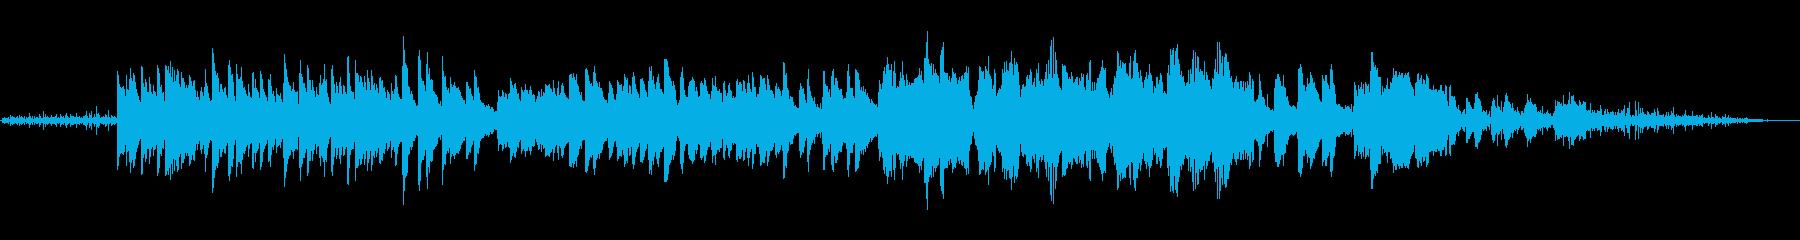 ゆったりヒーリングクラシック4-渓流音の再生済みの波形